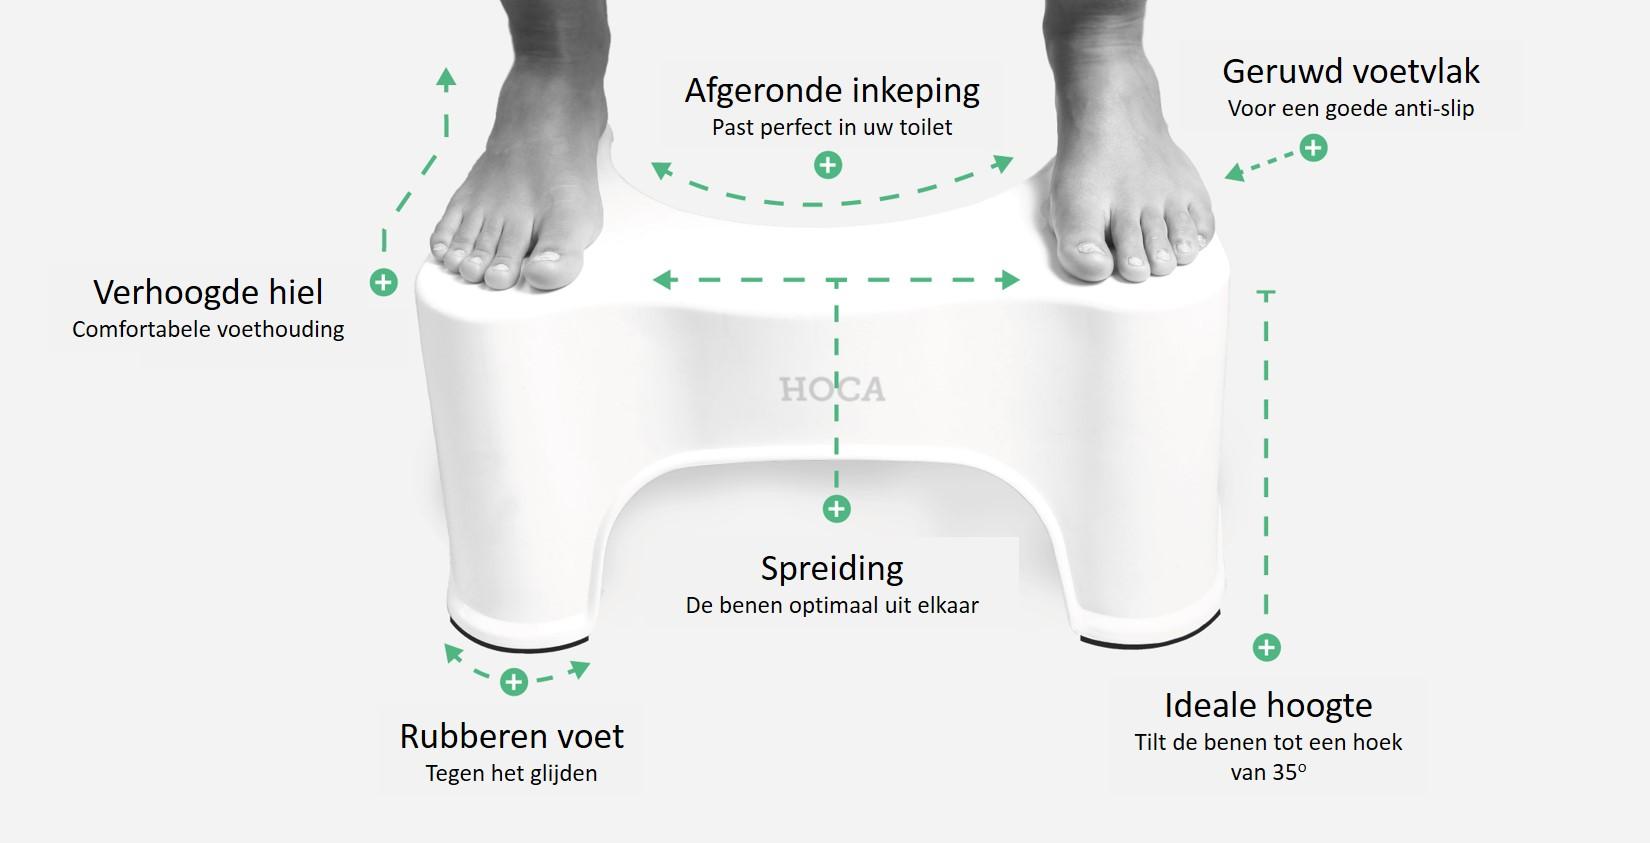 uitleg van de kenmerken van de toiletkruk van HOCA